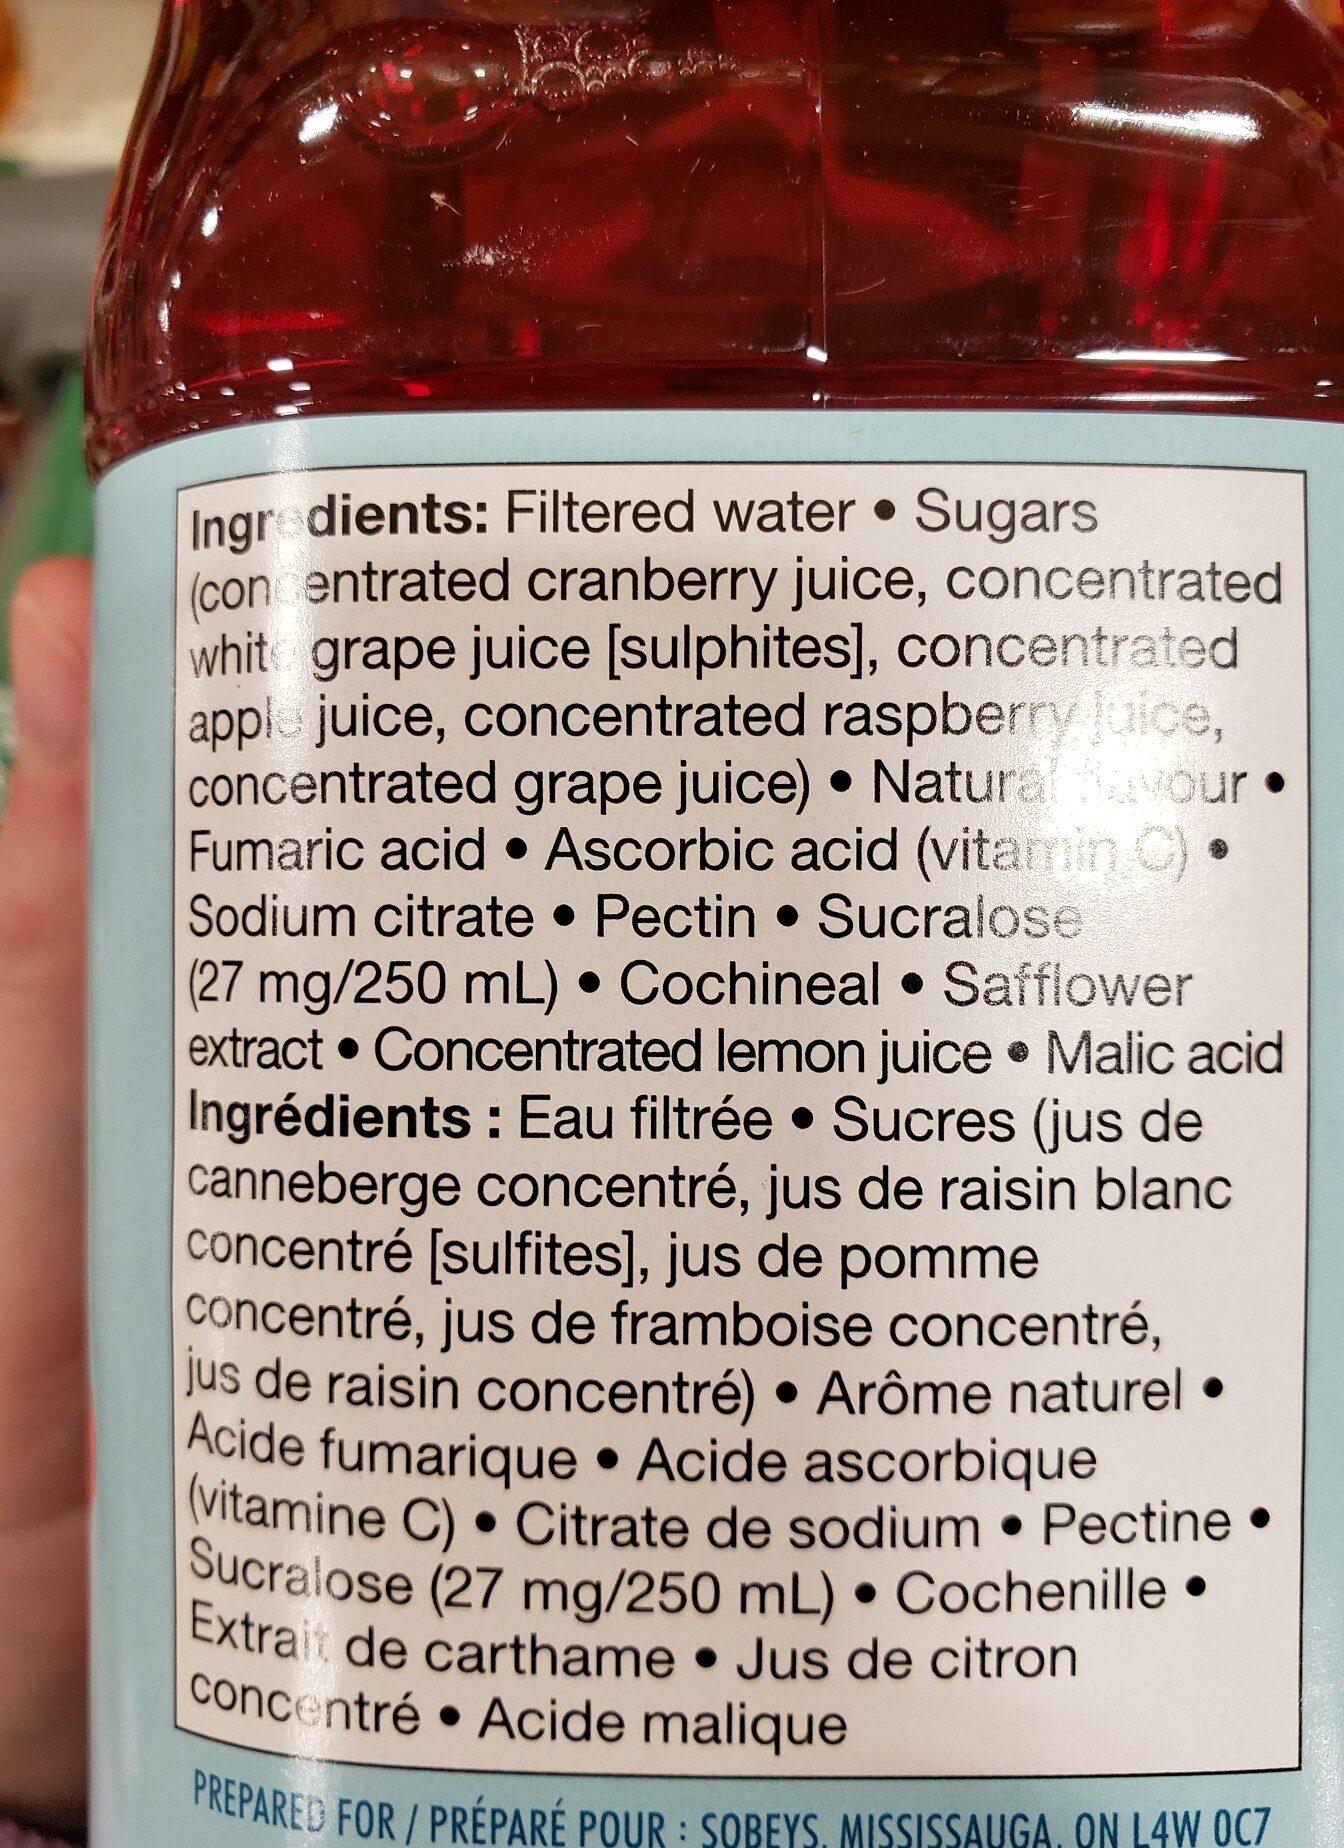 Cocktail canneberge framboise - Ingredients - en